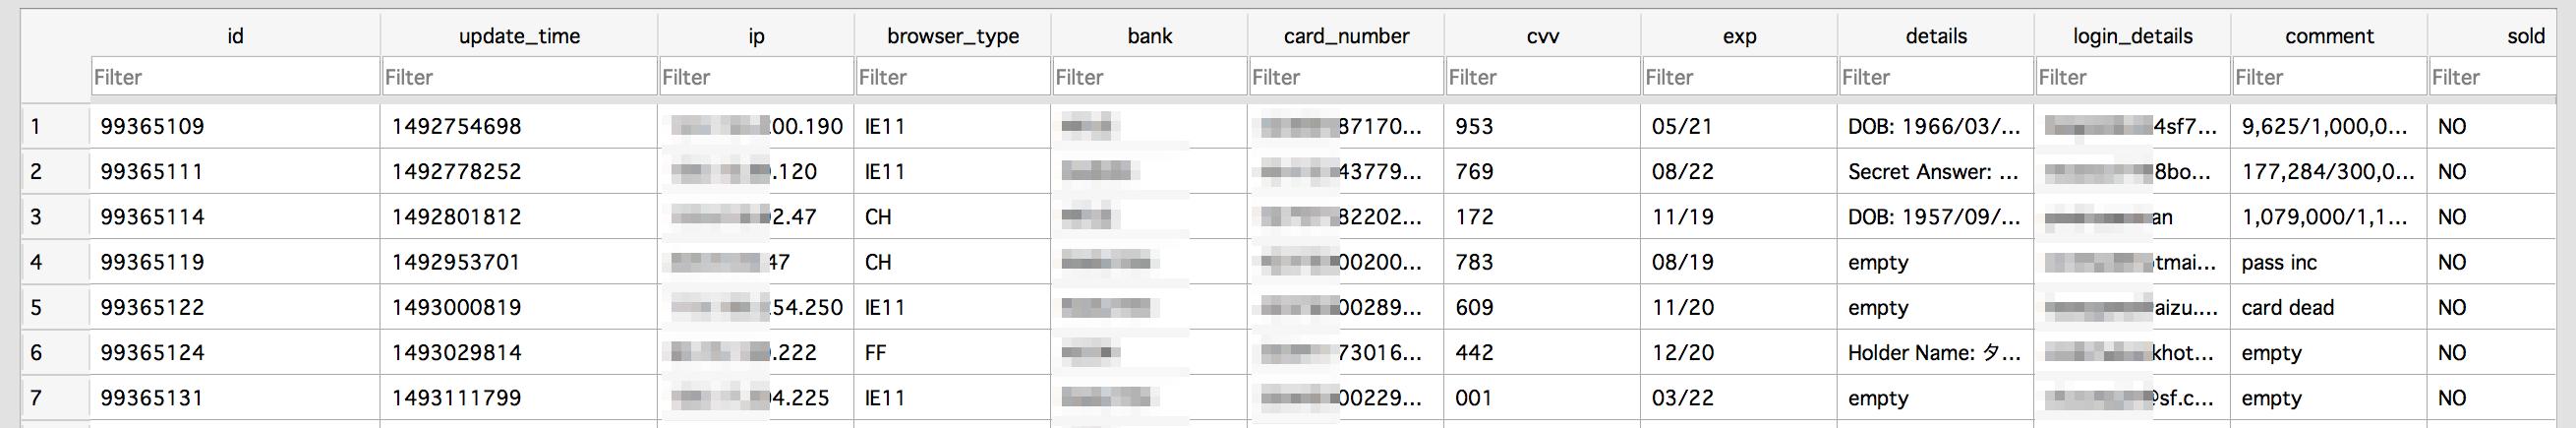 アクセス可能になっていたクレジットカード情報データベースの表示例